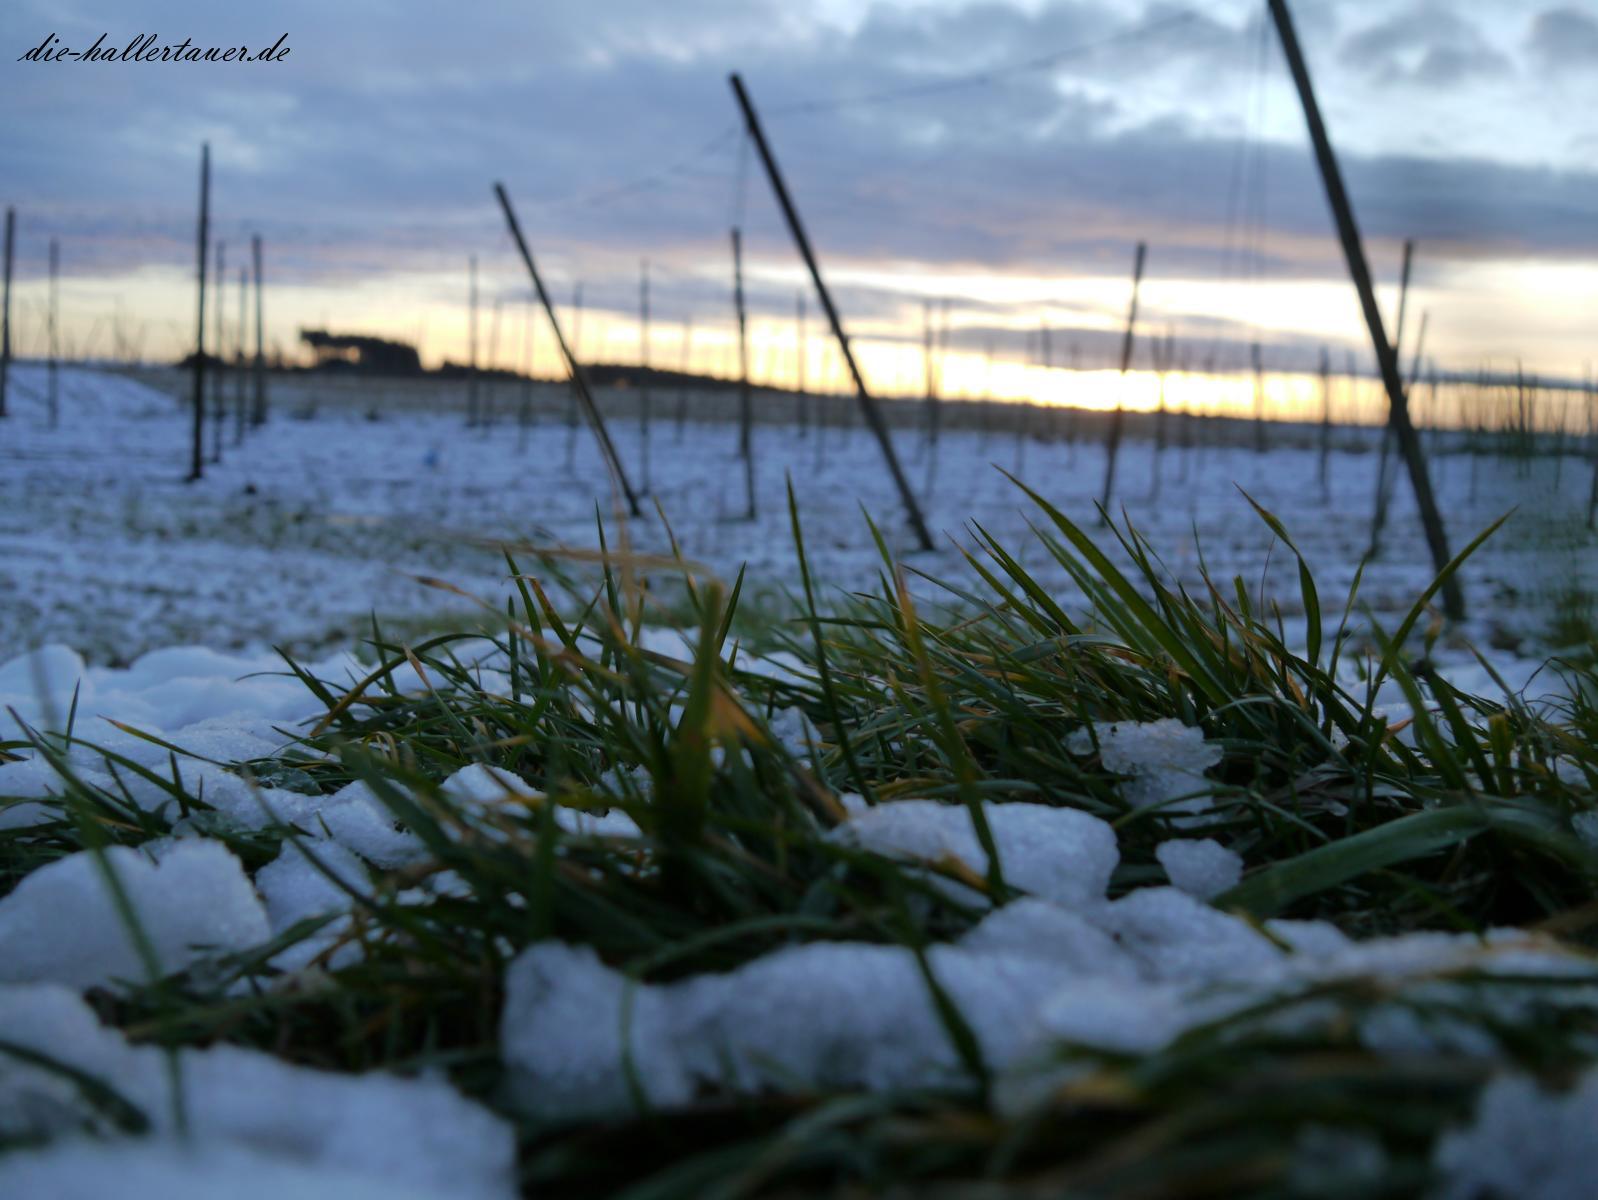 Schnee und Gras vorm Hopfengarten